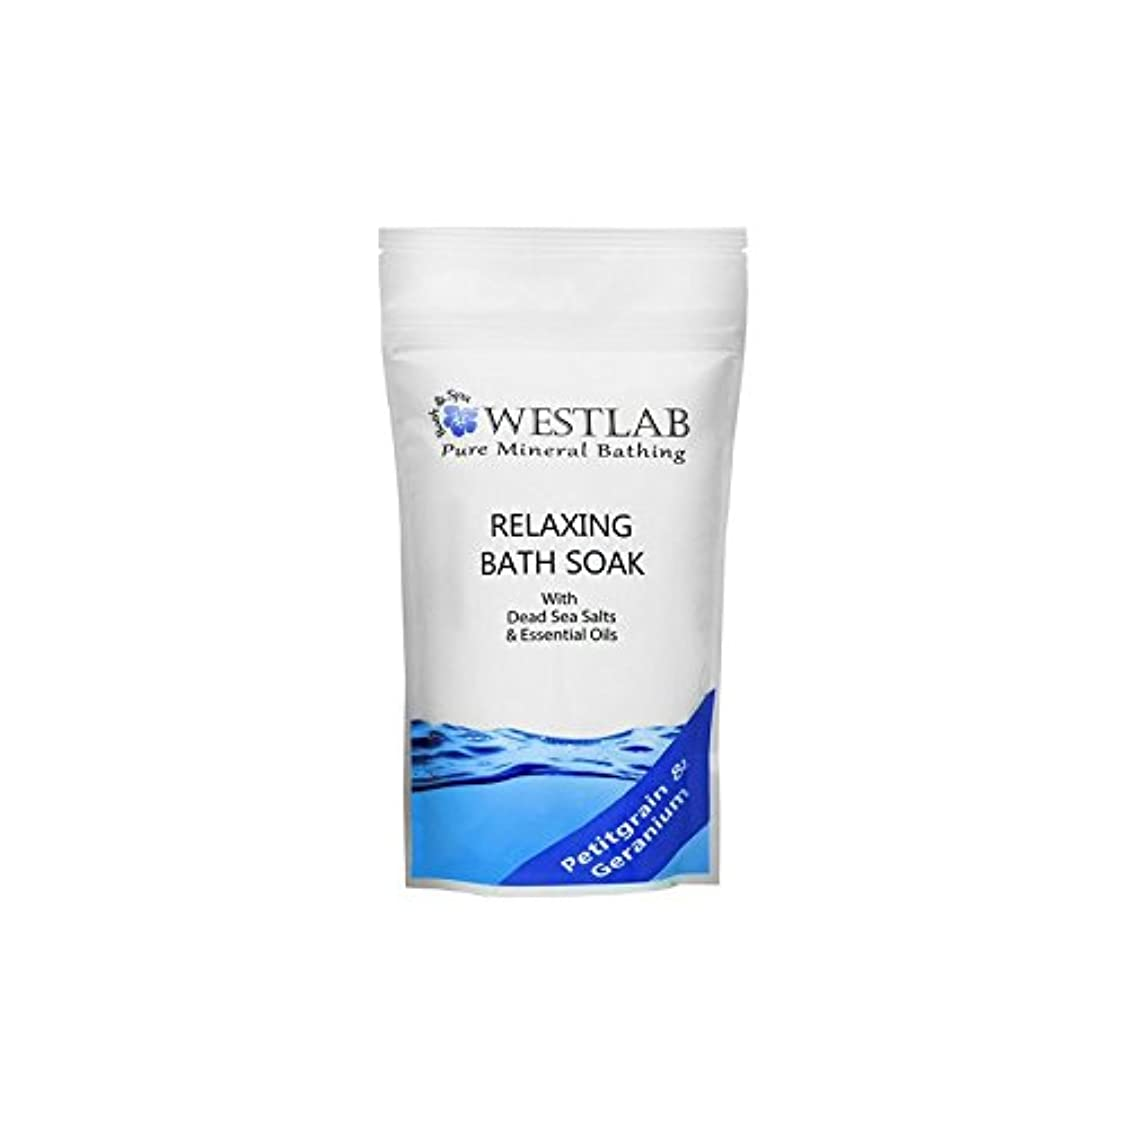 太いお肉魅惑的な死海の塩浴浸漬(500グラム)をリラックス x2 - Westlab Relax Dead Sea Salt Bath Soak (500g) (Pack of 2) [並行輸入品]